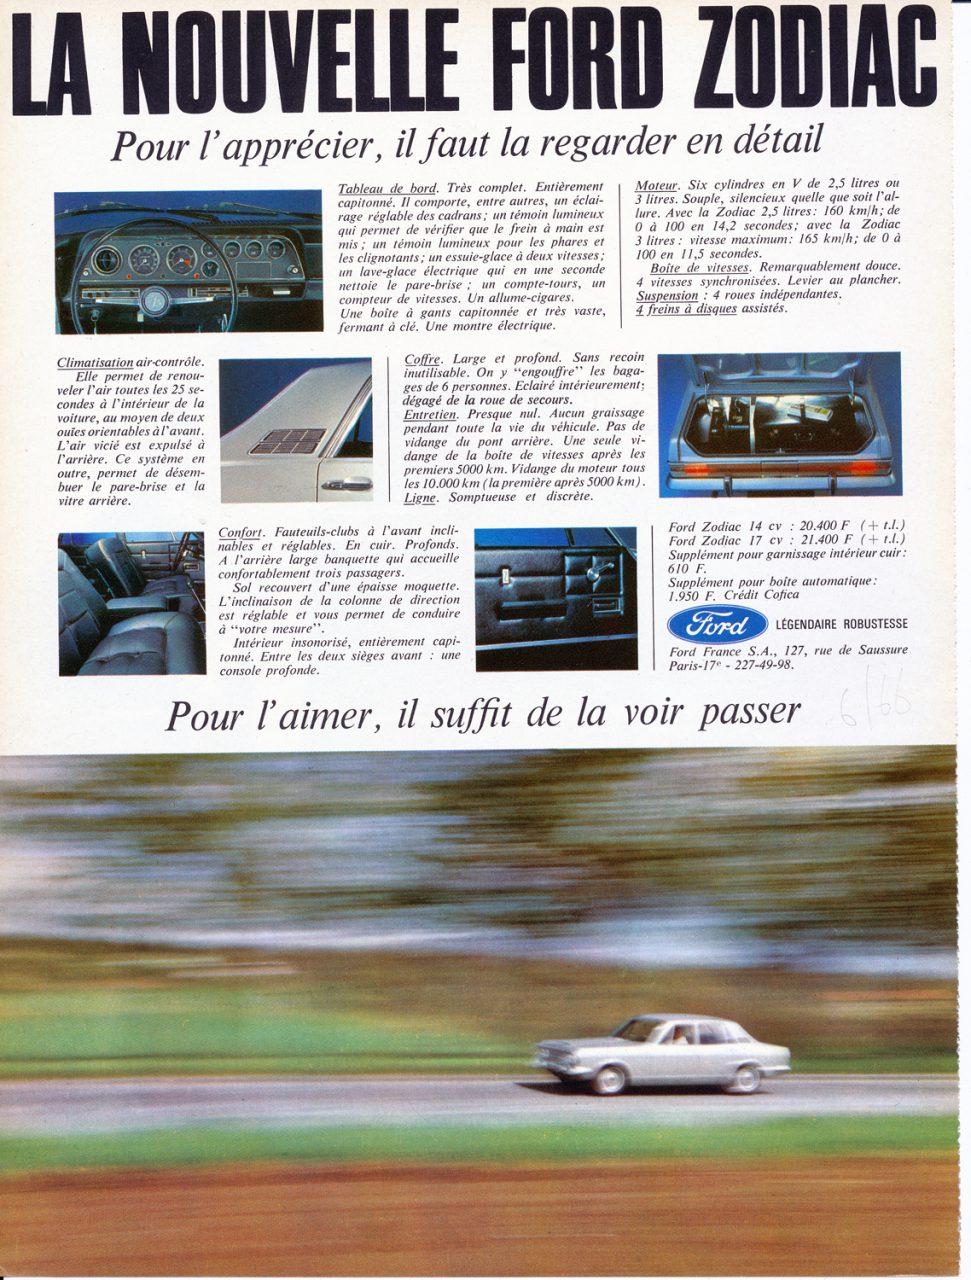 Ford Zodiac, Advertisement, Connaissance des arts